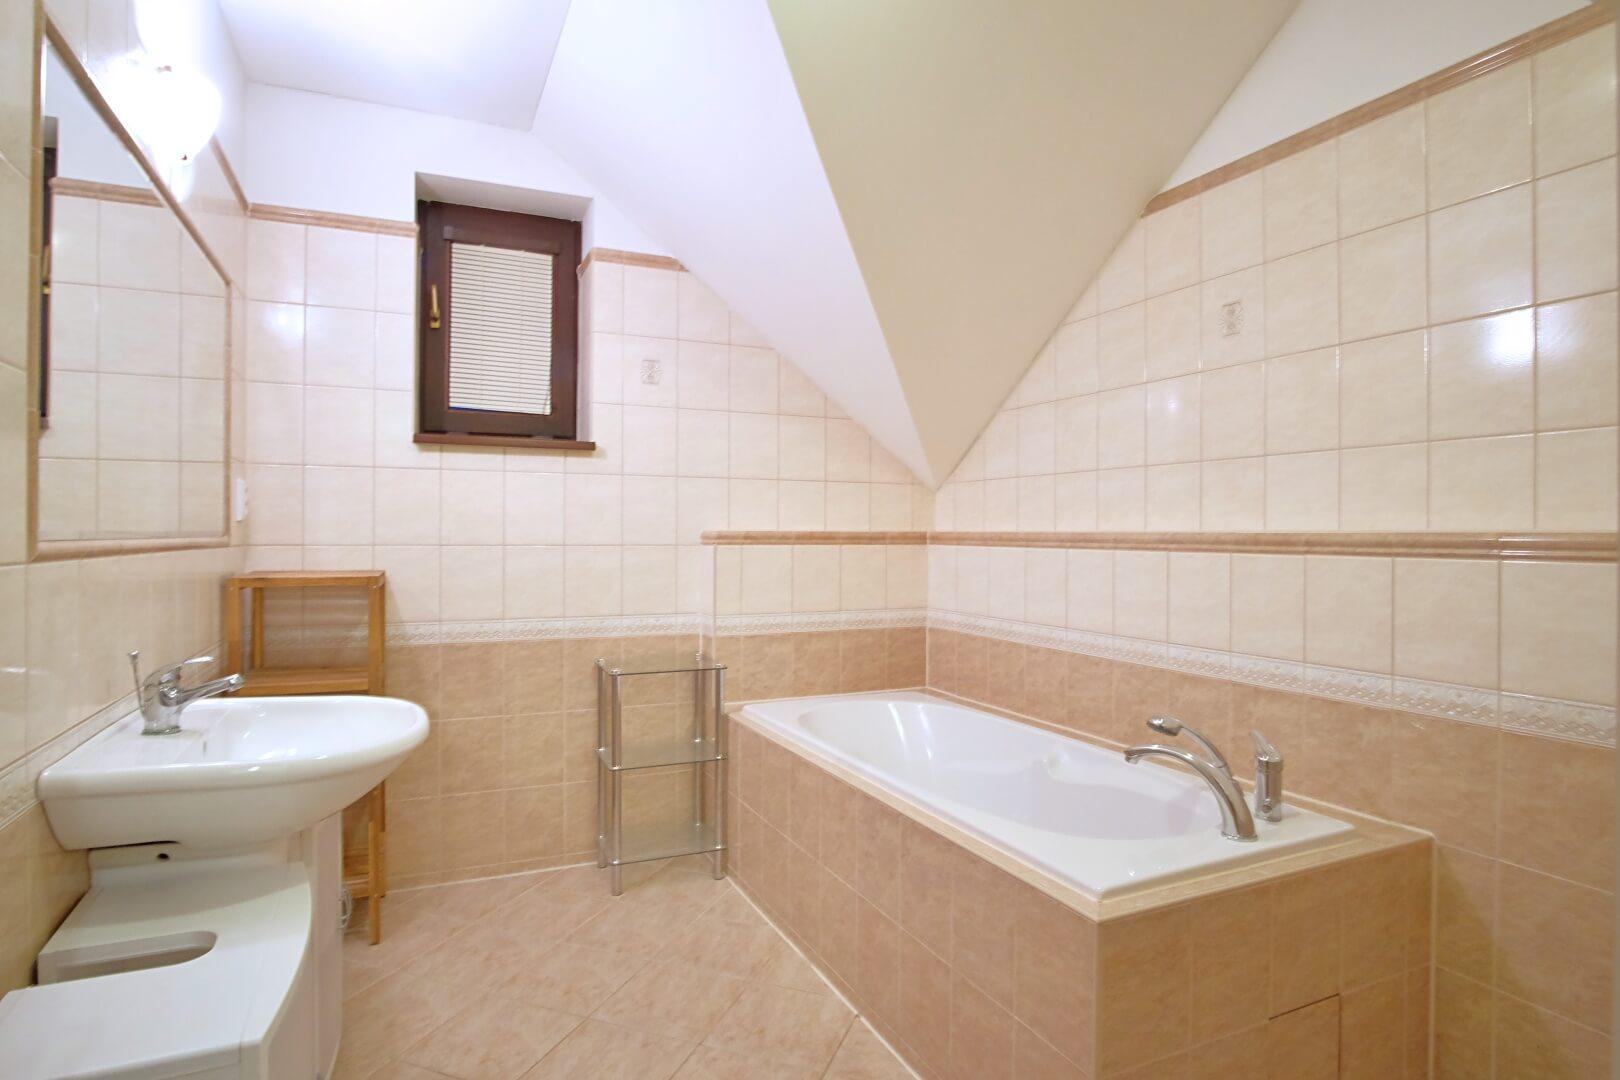 Predané: Na predaj 6-izbový rodinný dom vo vilovej štvrti v Hamuliakove, 15 km od Bratislavy-14